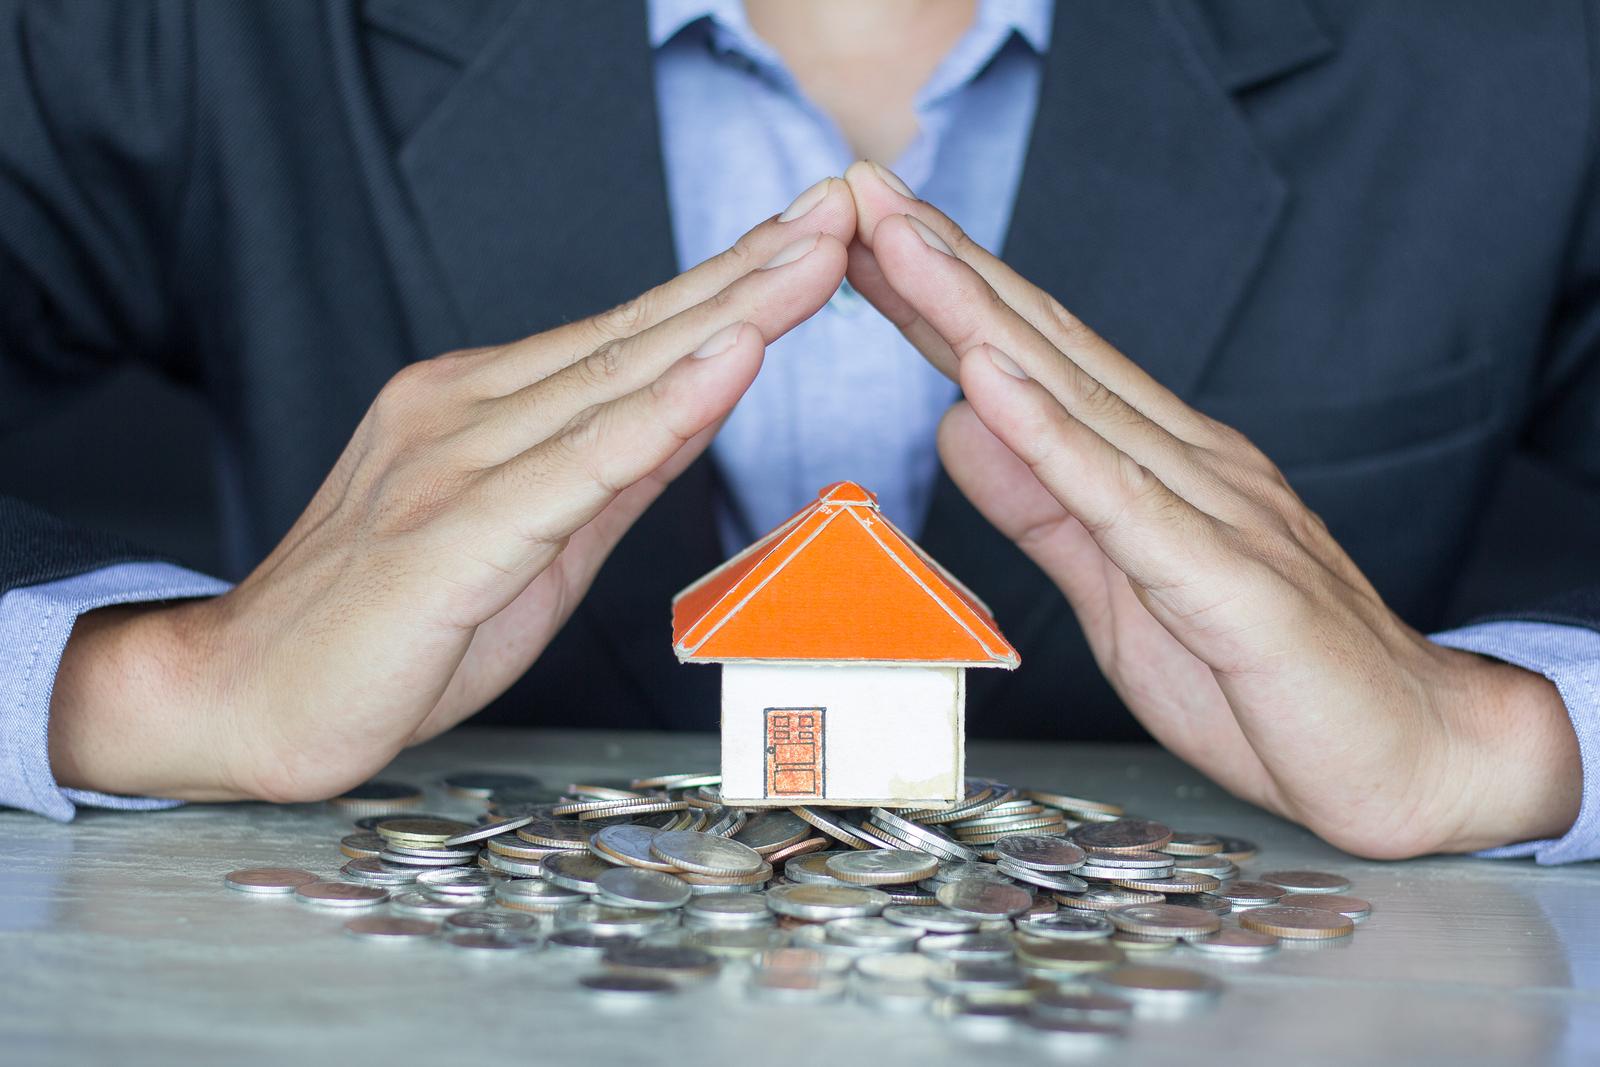 Hausratversicherung Unverhaltnismassigkeit Der Reparaturkosten Bei